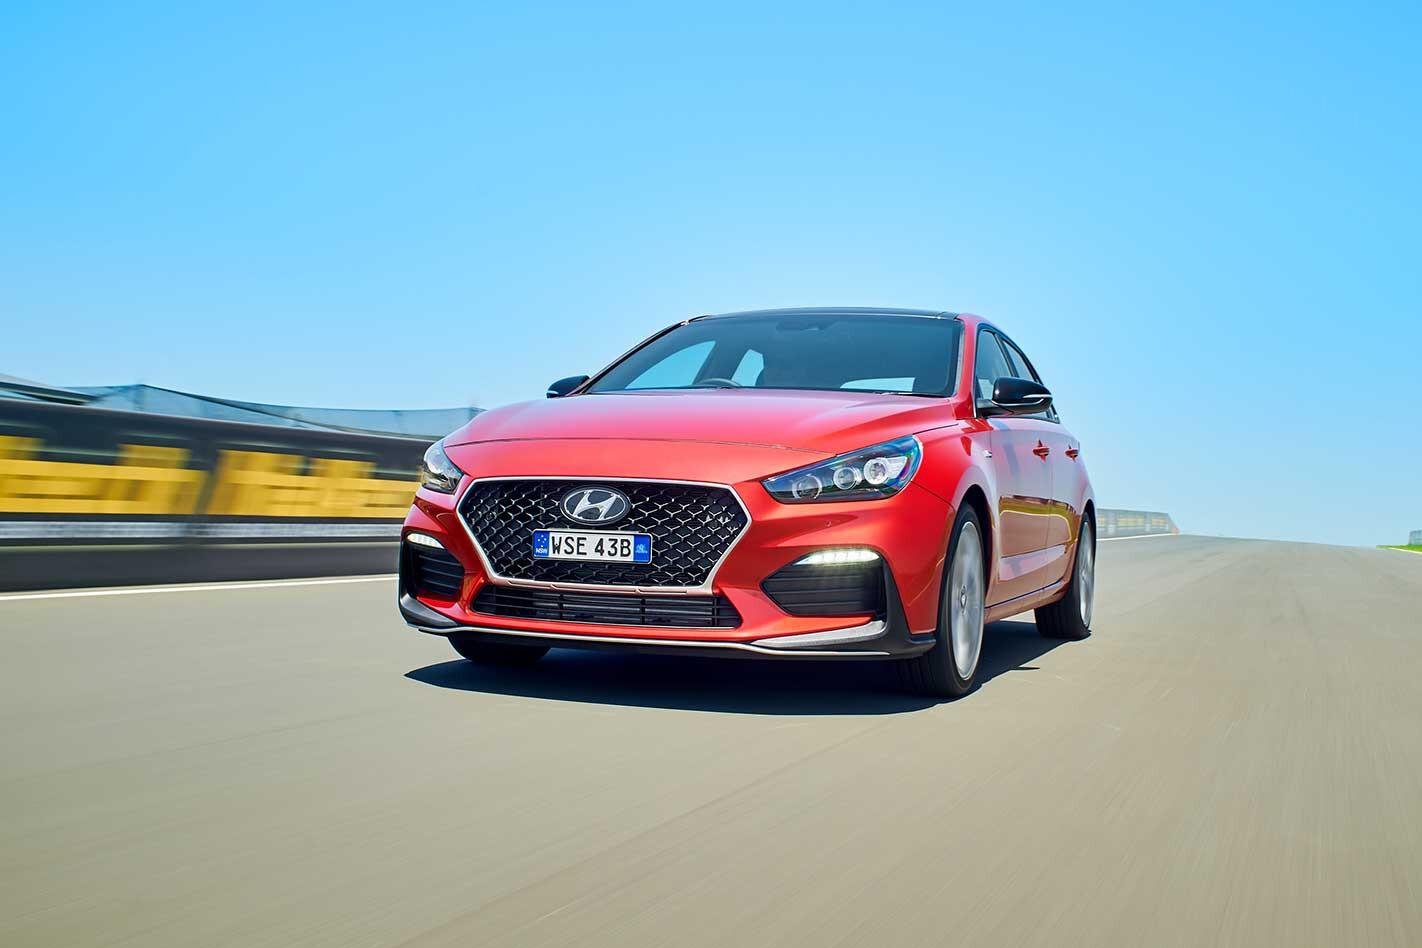 2021 Hyundai i30 N-Line Premium review